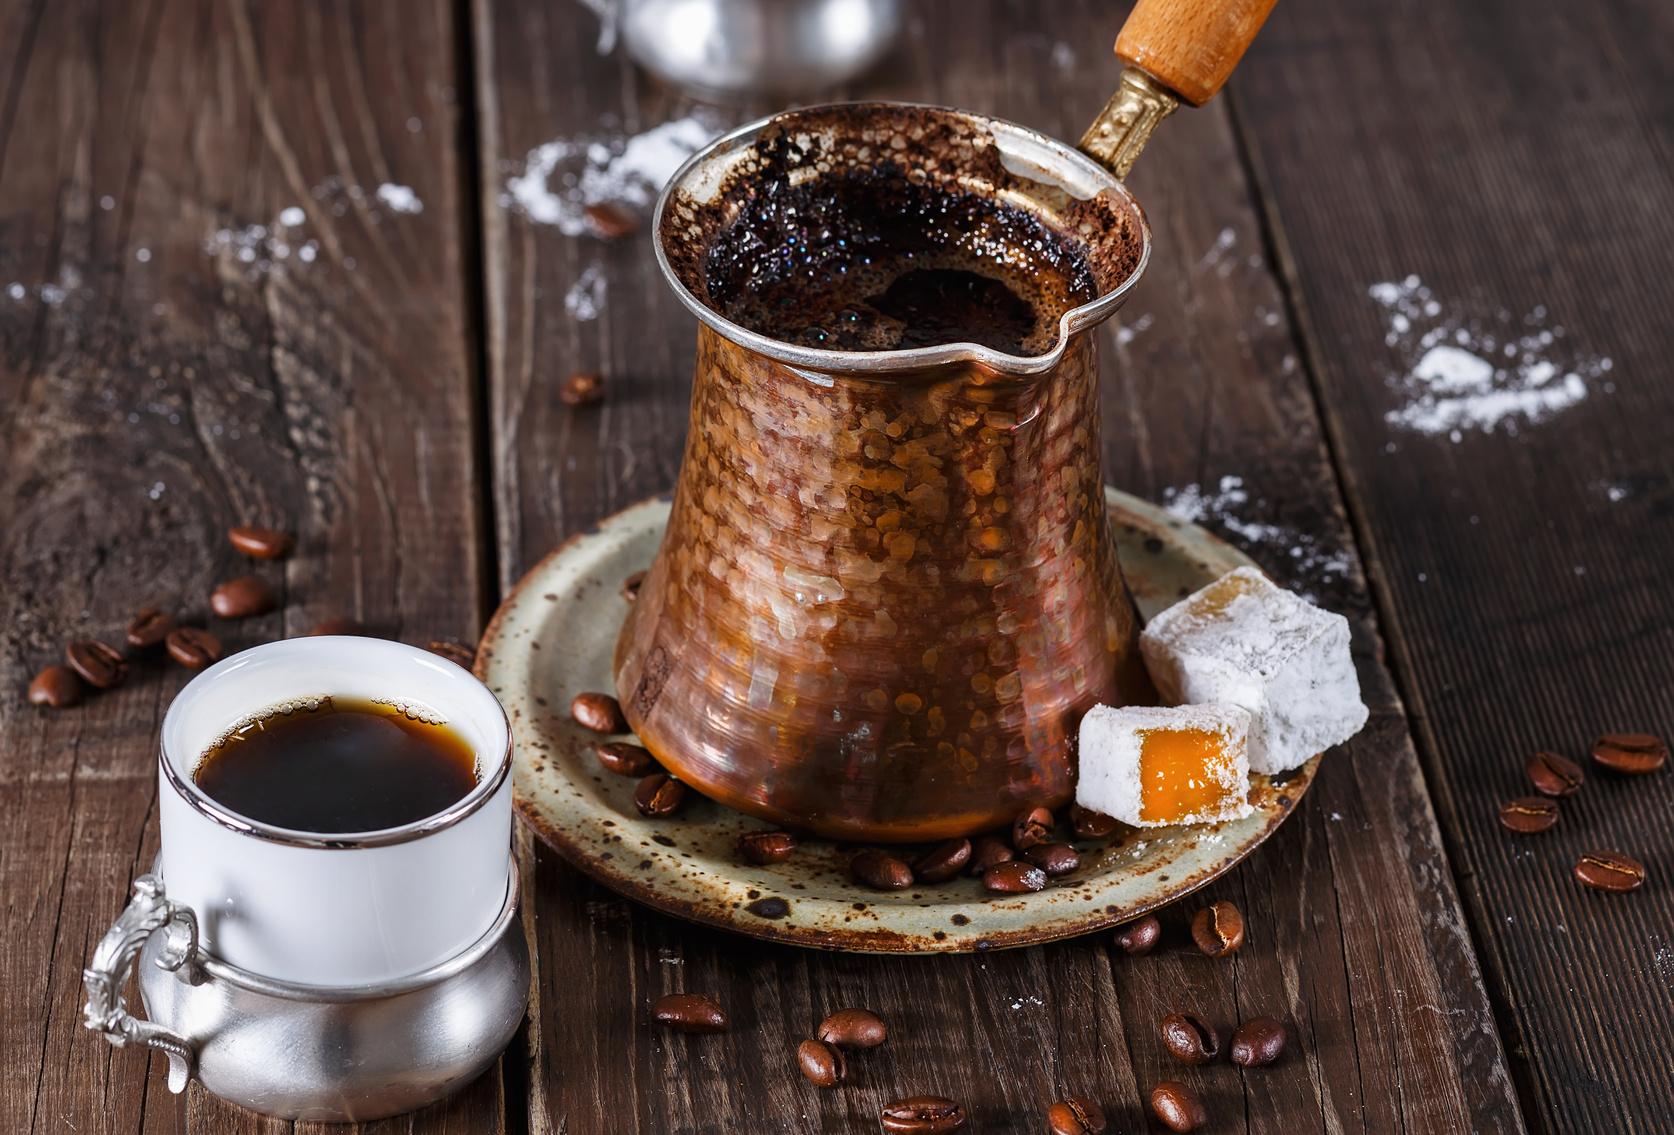 Турка с чашкой кофе